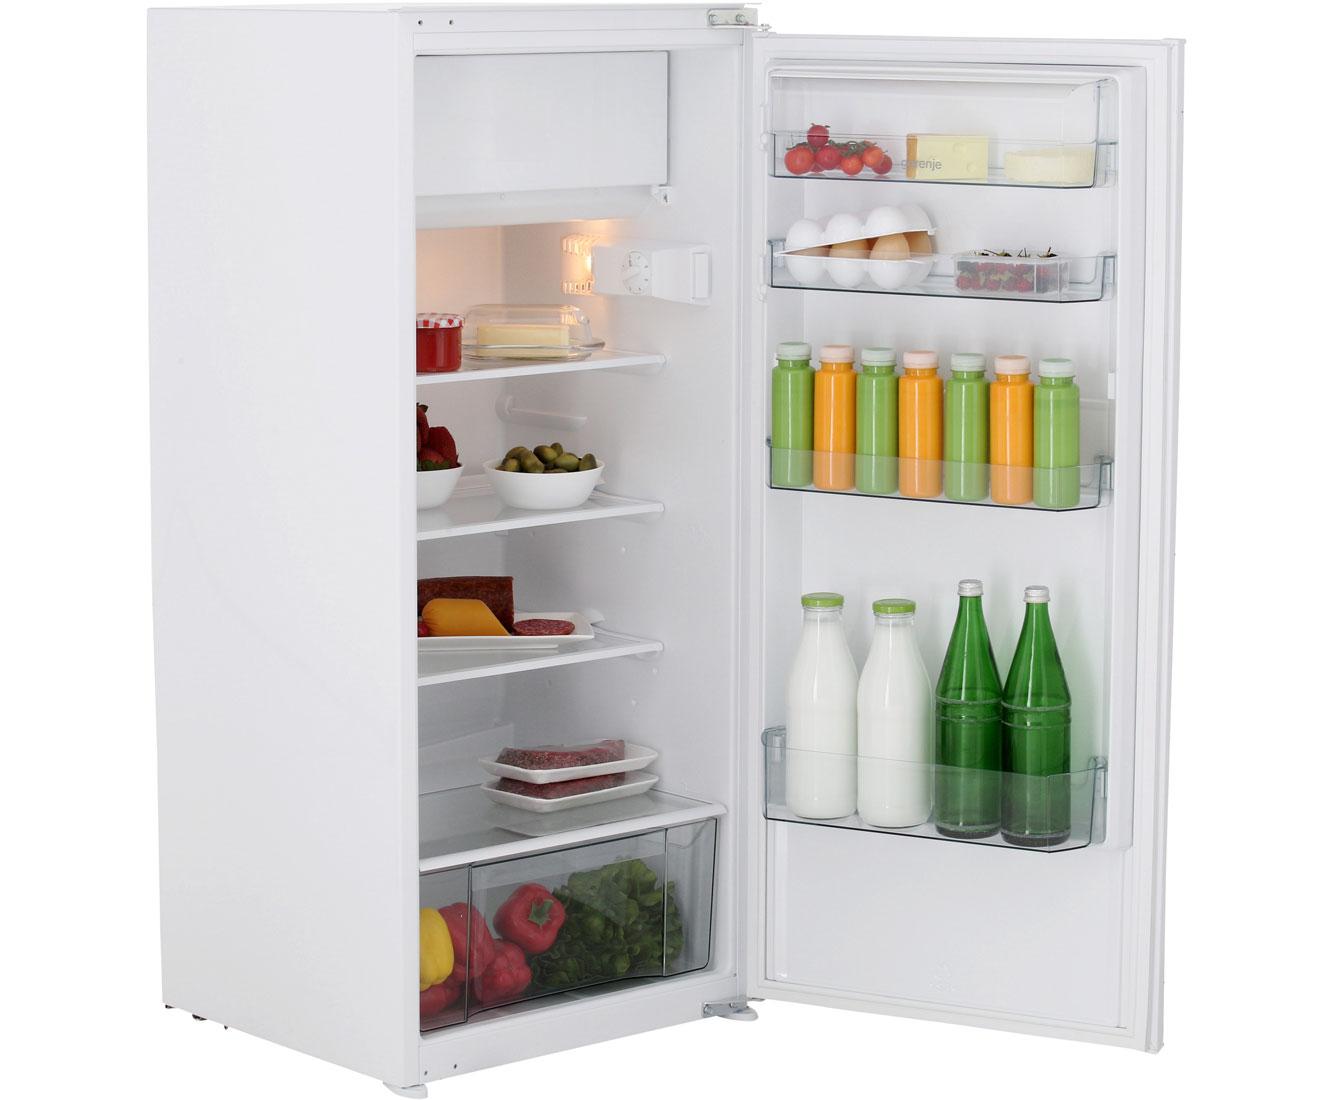 Gorenje Kühlschrank Gute Qualität : Gorenje rbi4122aw einbau kühlschrank mit gefrierfach 122er nische